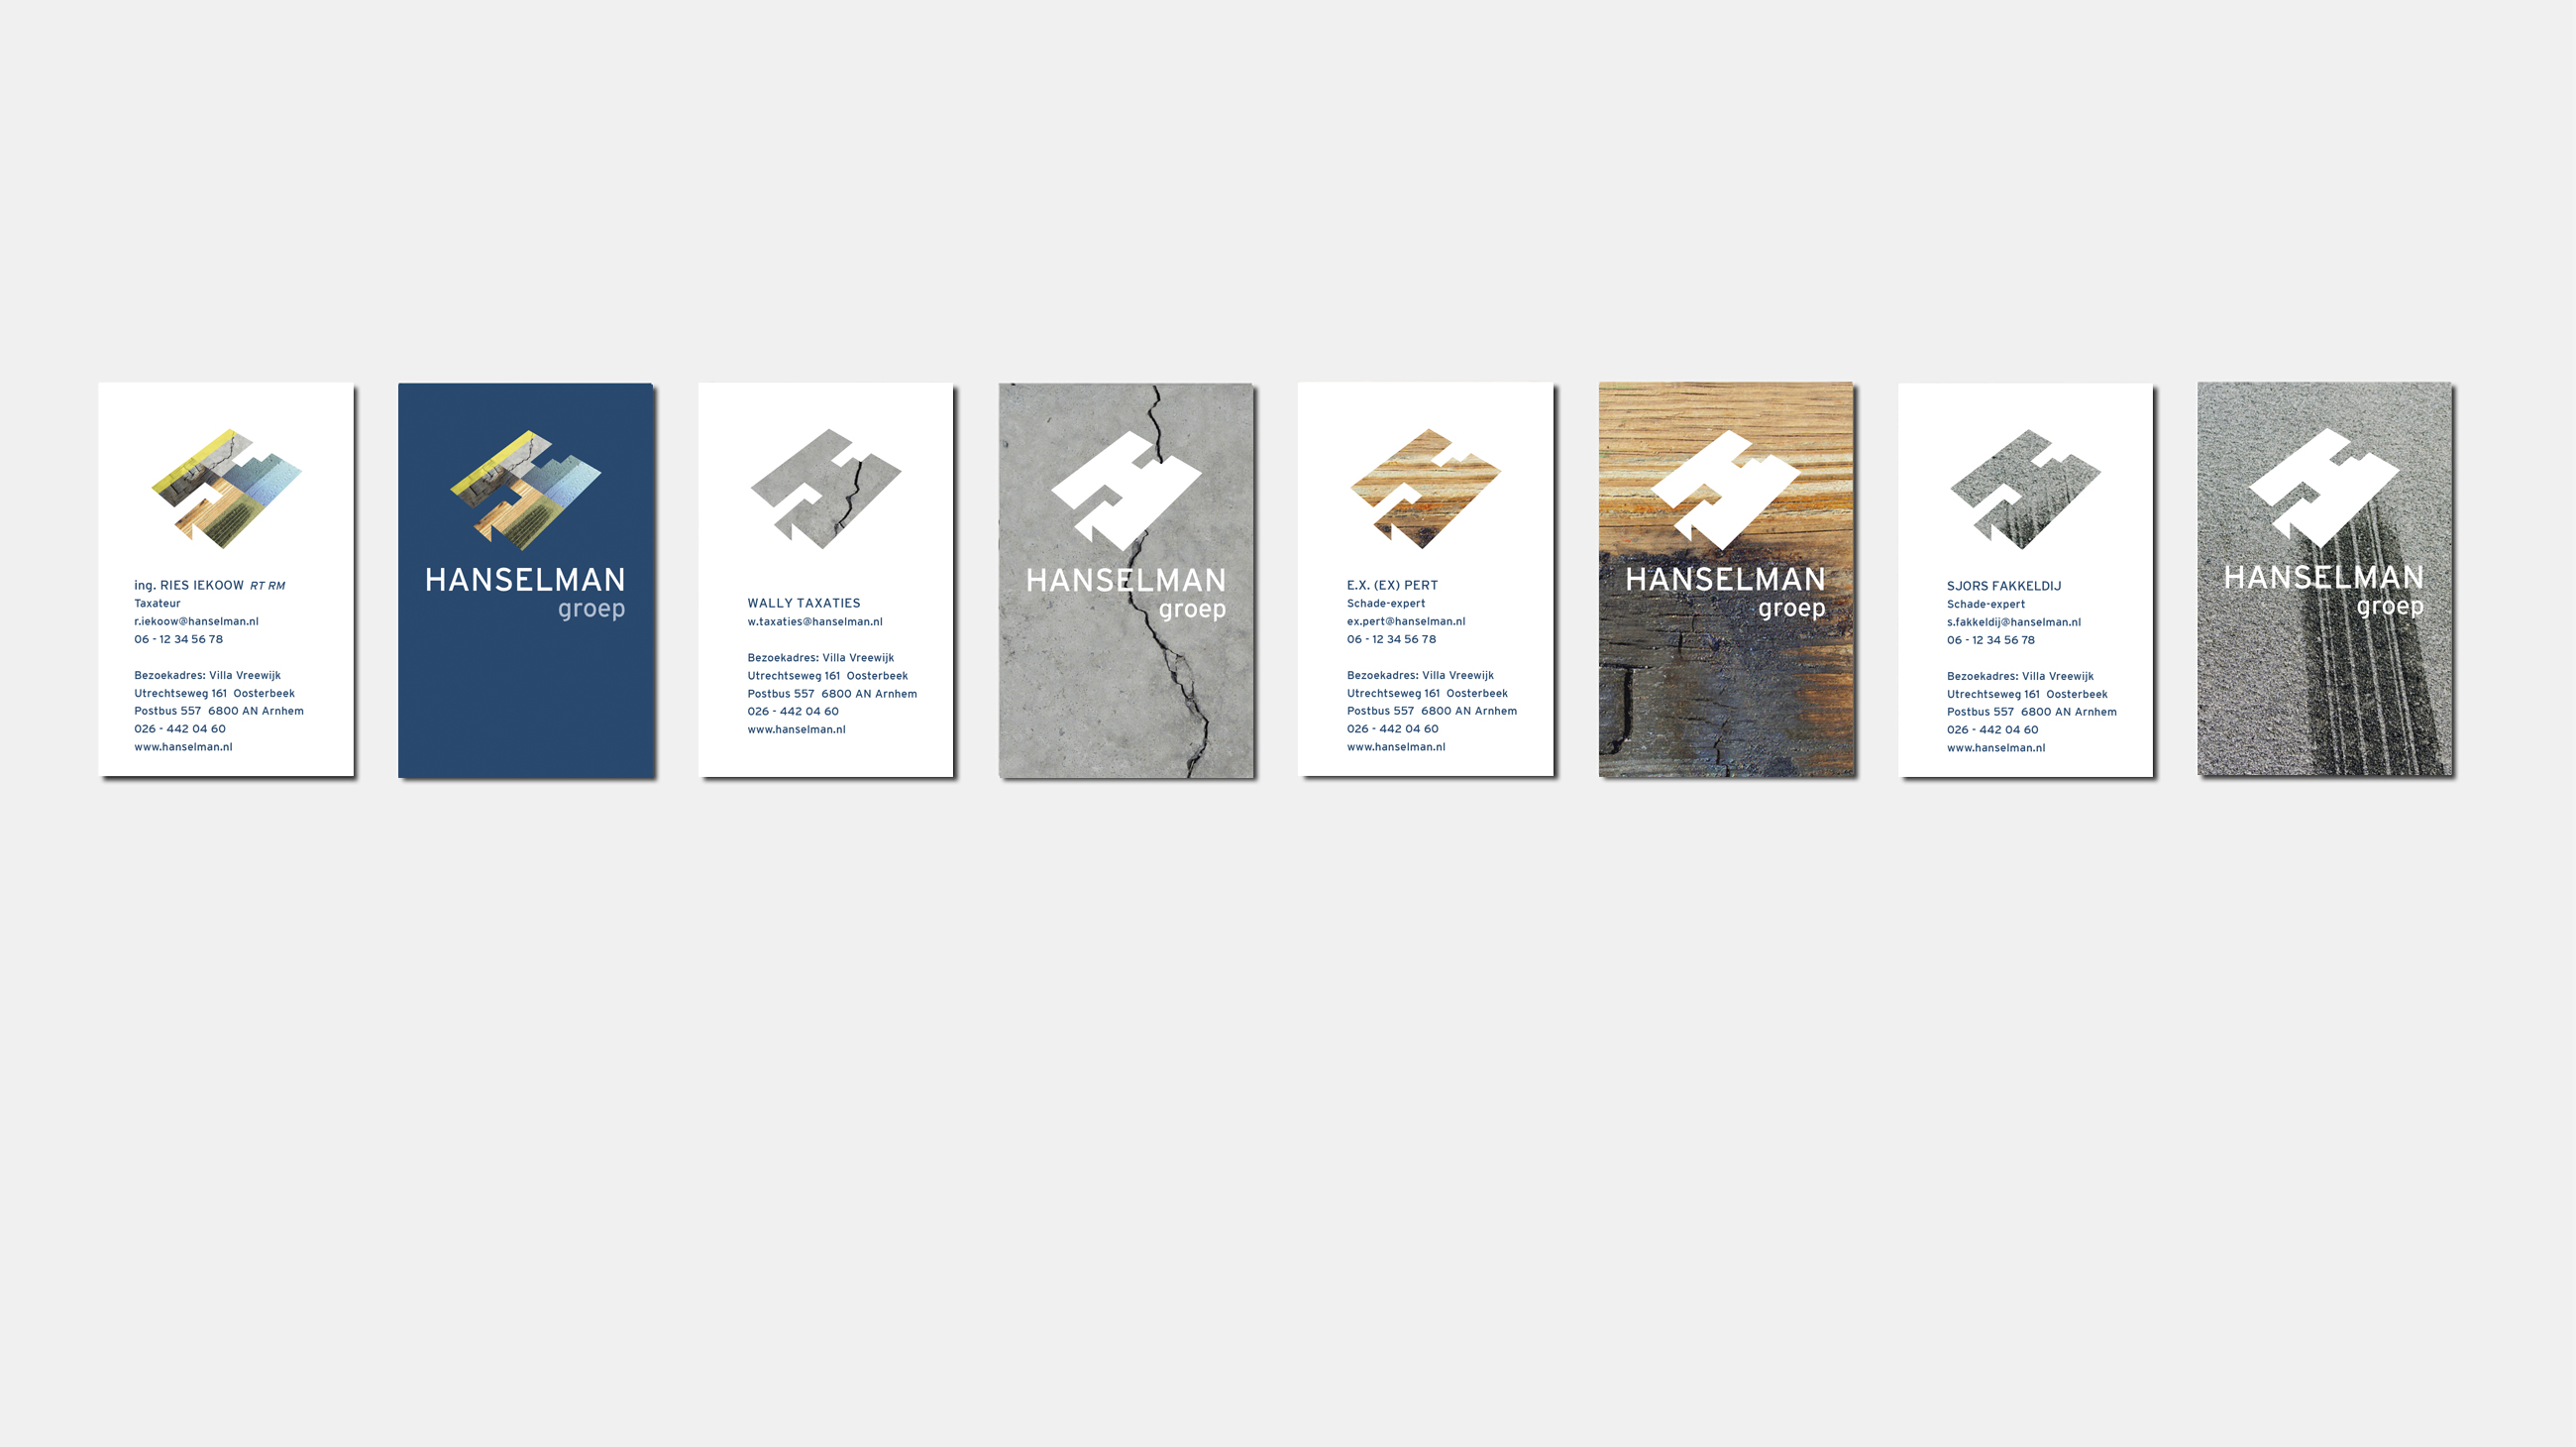 Visitekaartjes Hanselman nieuwe huisstijl. Ontworpen door Neo & Co.